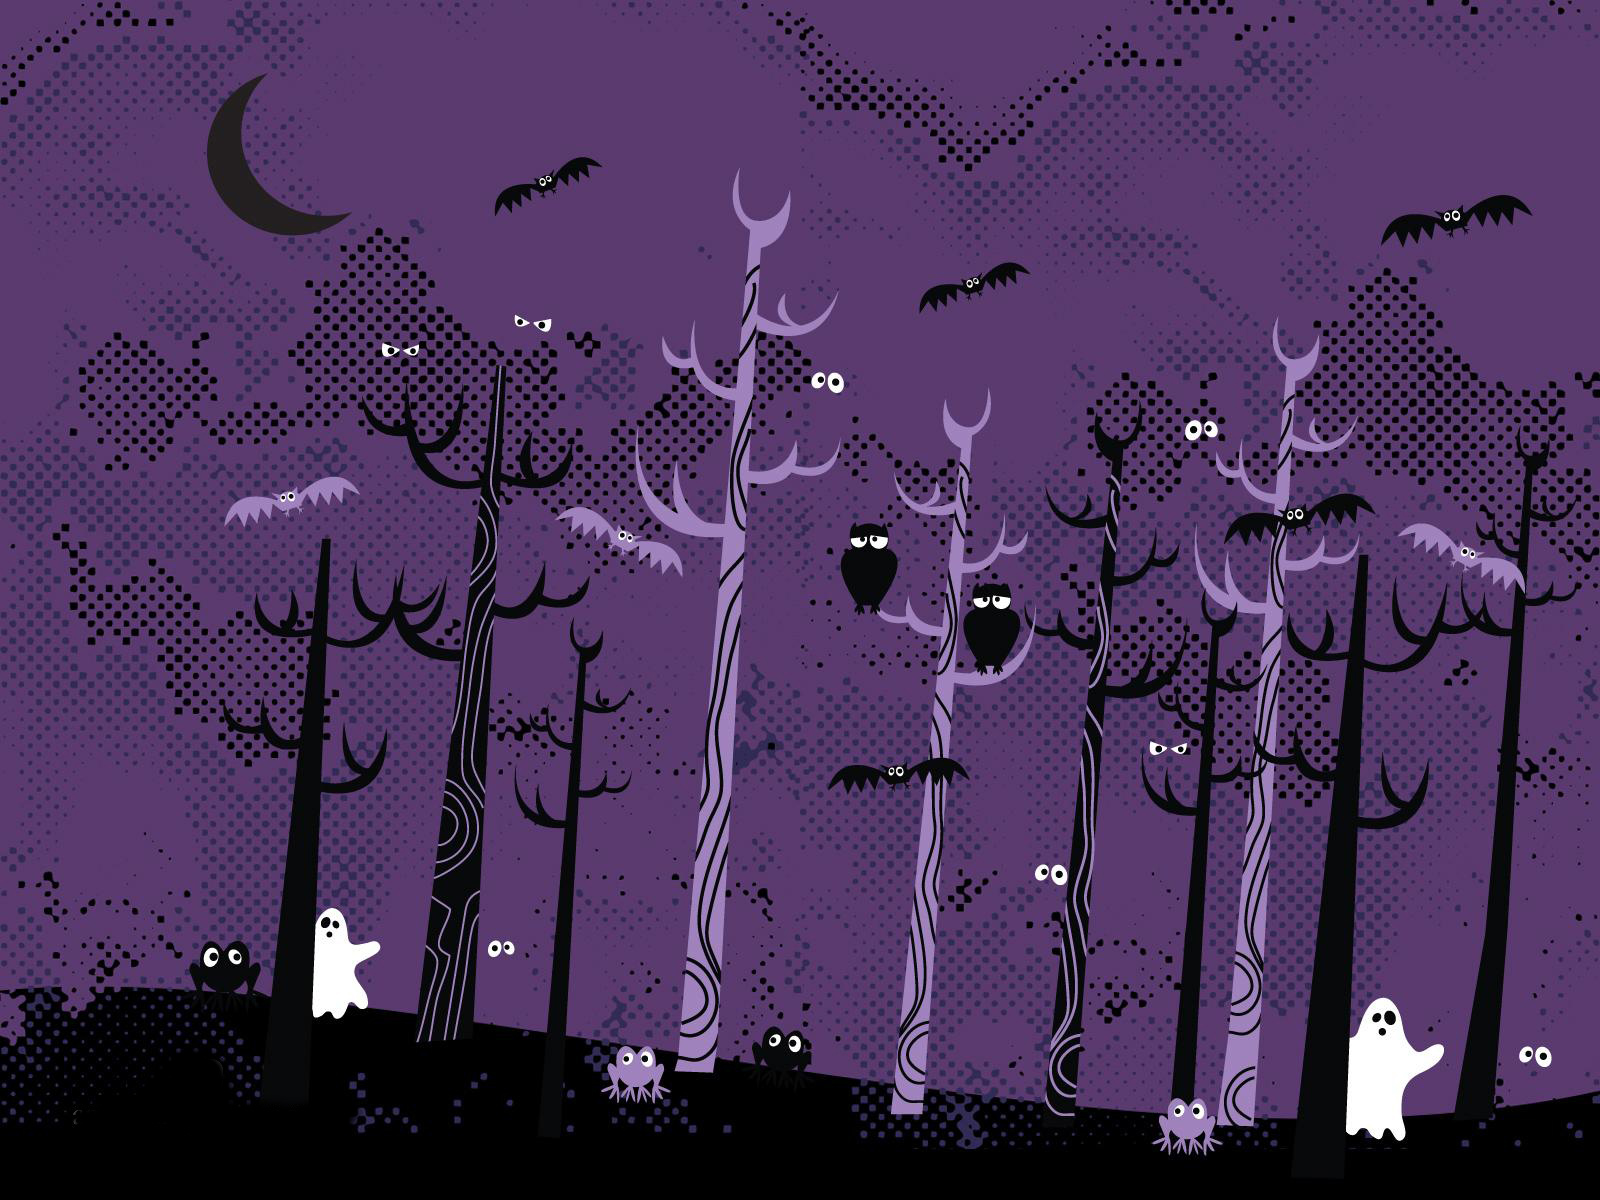 Beautiful Wallpaper Halloween Purple - 1600-x-1200-halloween-collection  Trends_626863.jpg